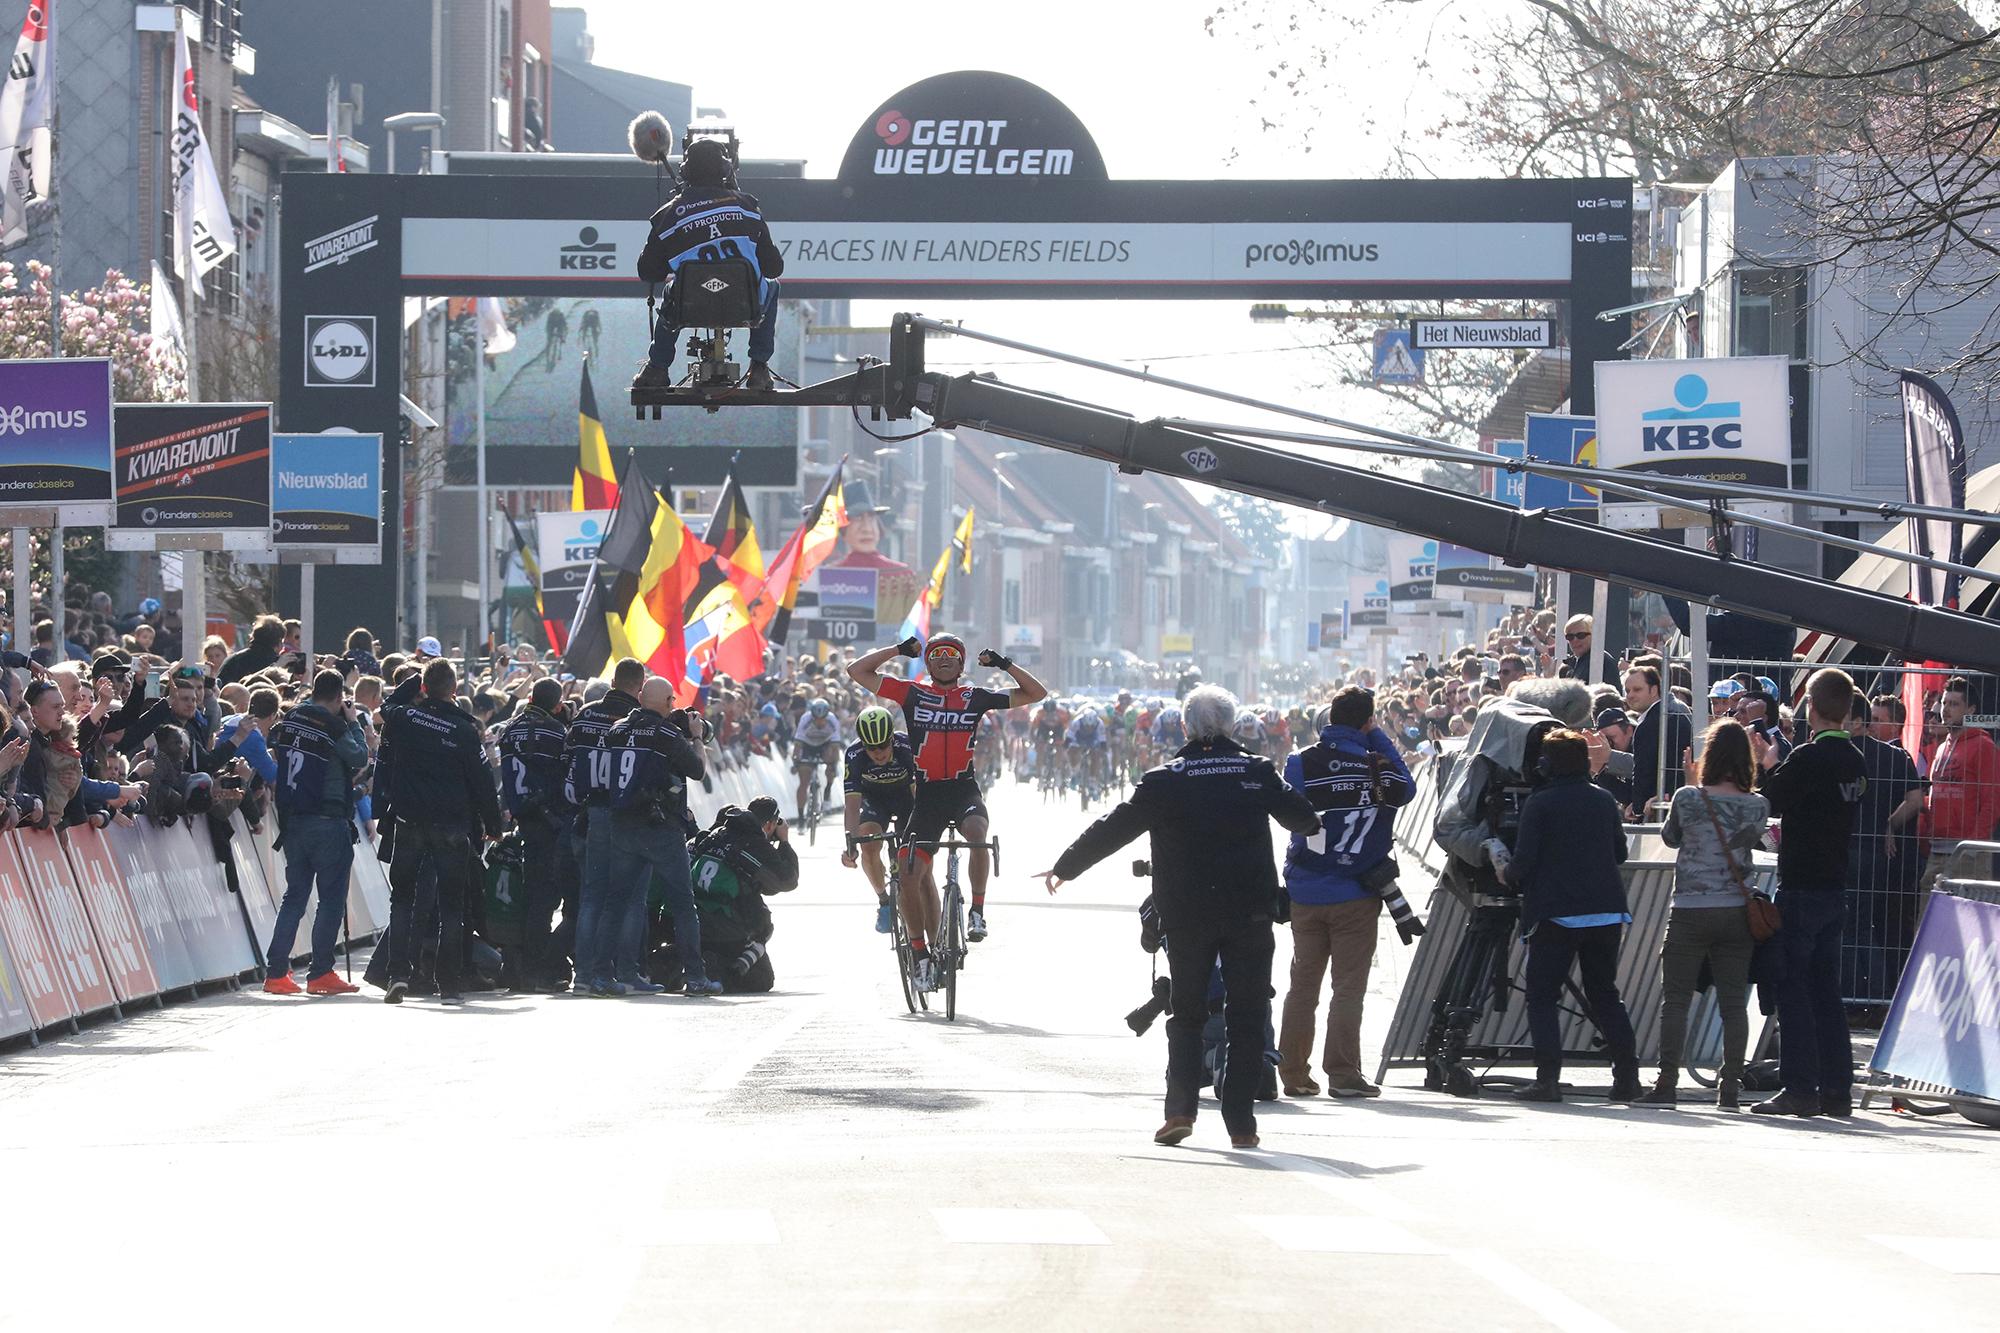 Greg Van Avermaet obtuvo la victoria en la Gante Wevelgem 2017 (Foto: Masselis)